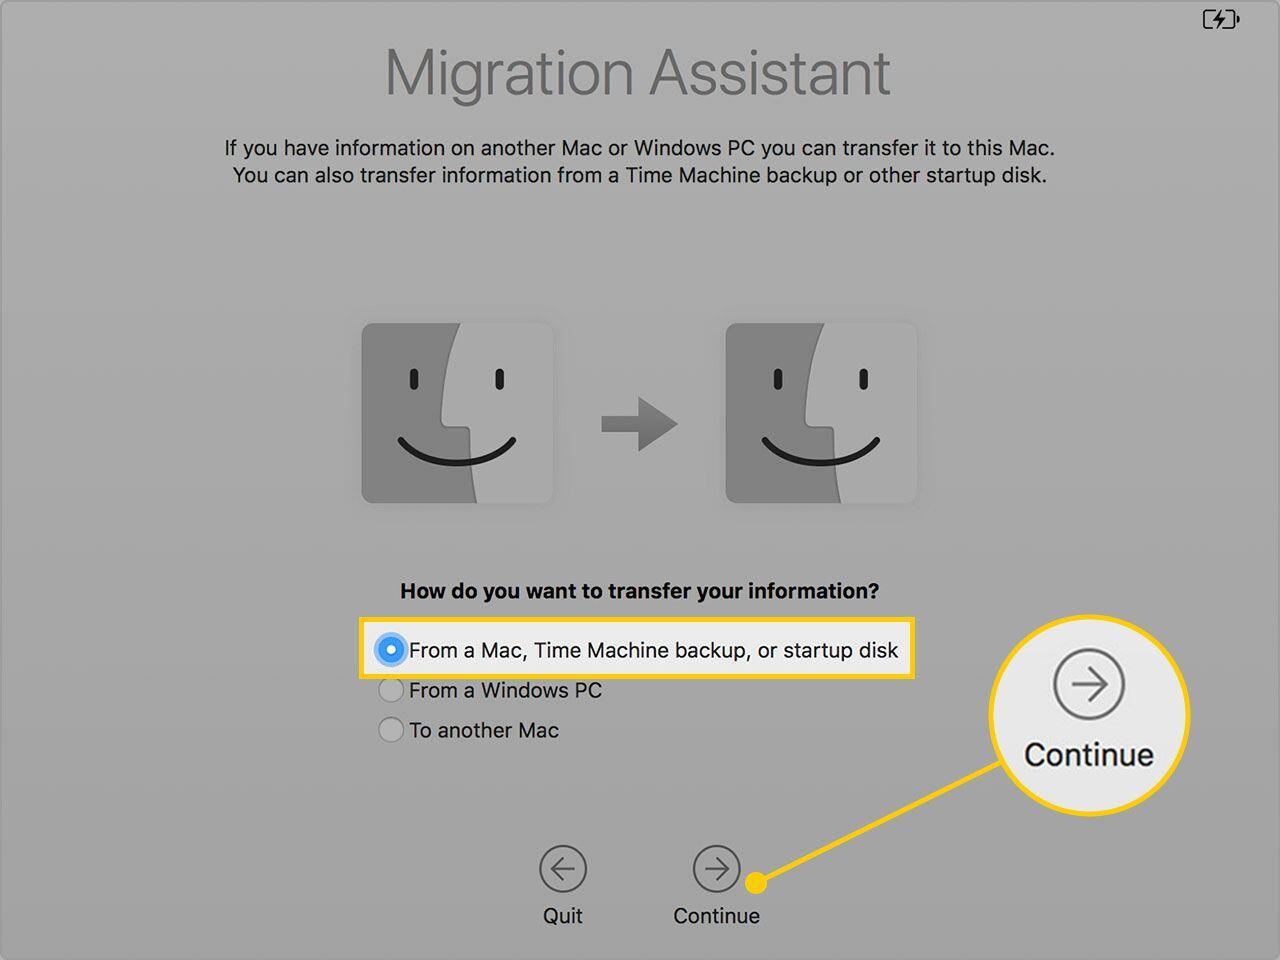 23. Cara Downgrade MacOS Catalina to Mojave Menggunakan Installer